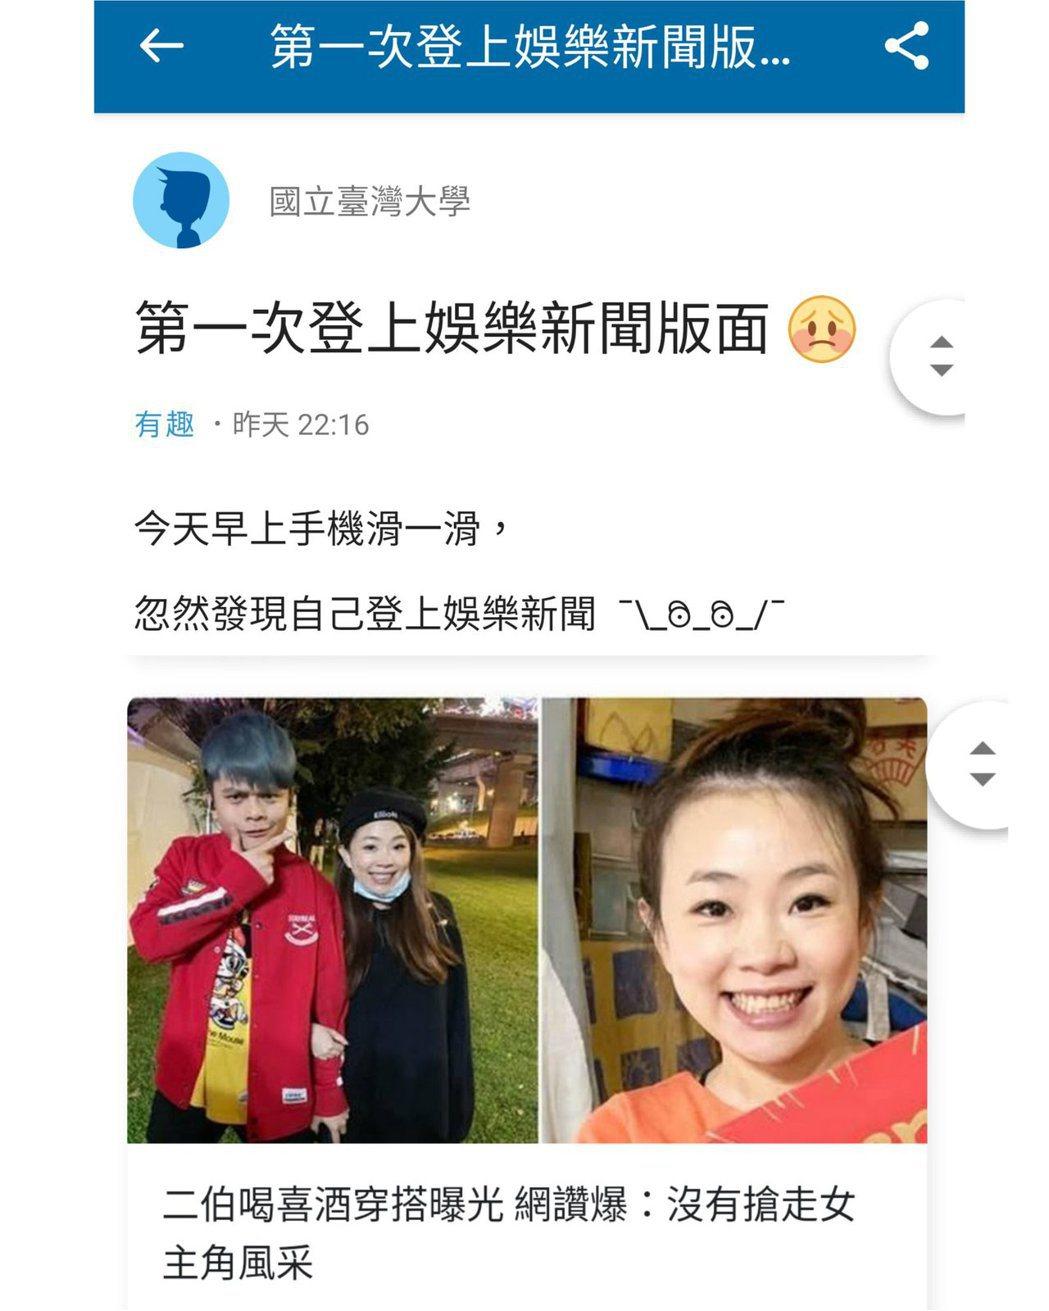 台大學生在Dcard貼文驚見自己登上娛樂新聞。 圖/擷自蔡阿嘎臉書